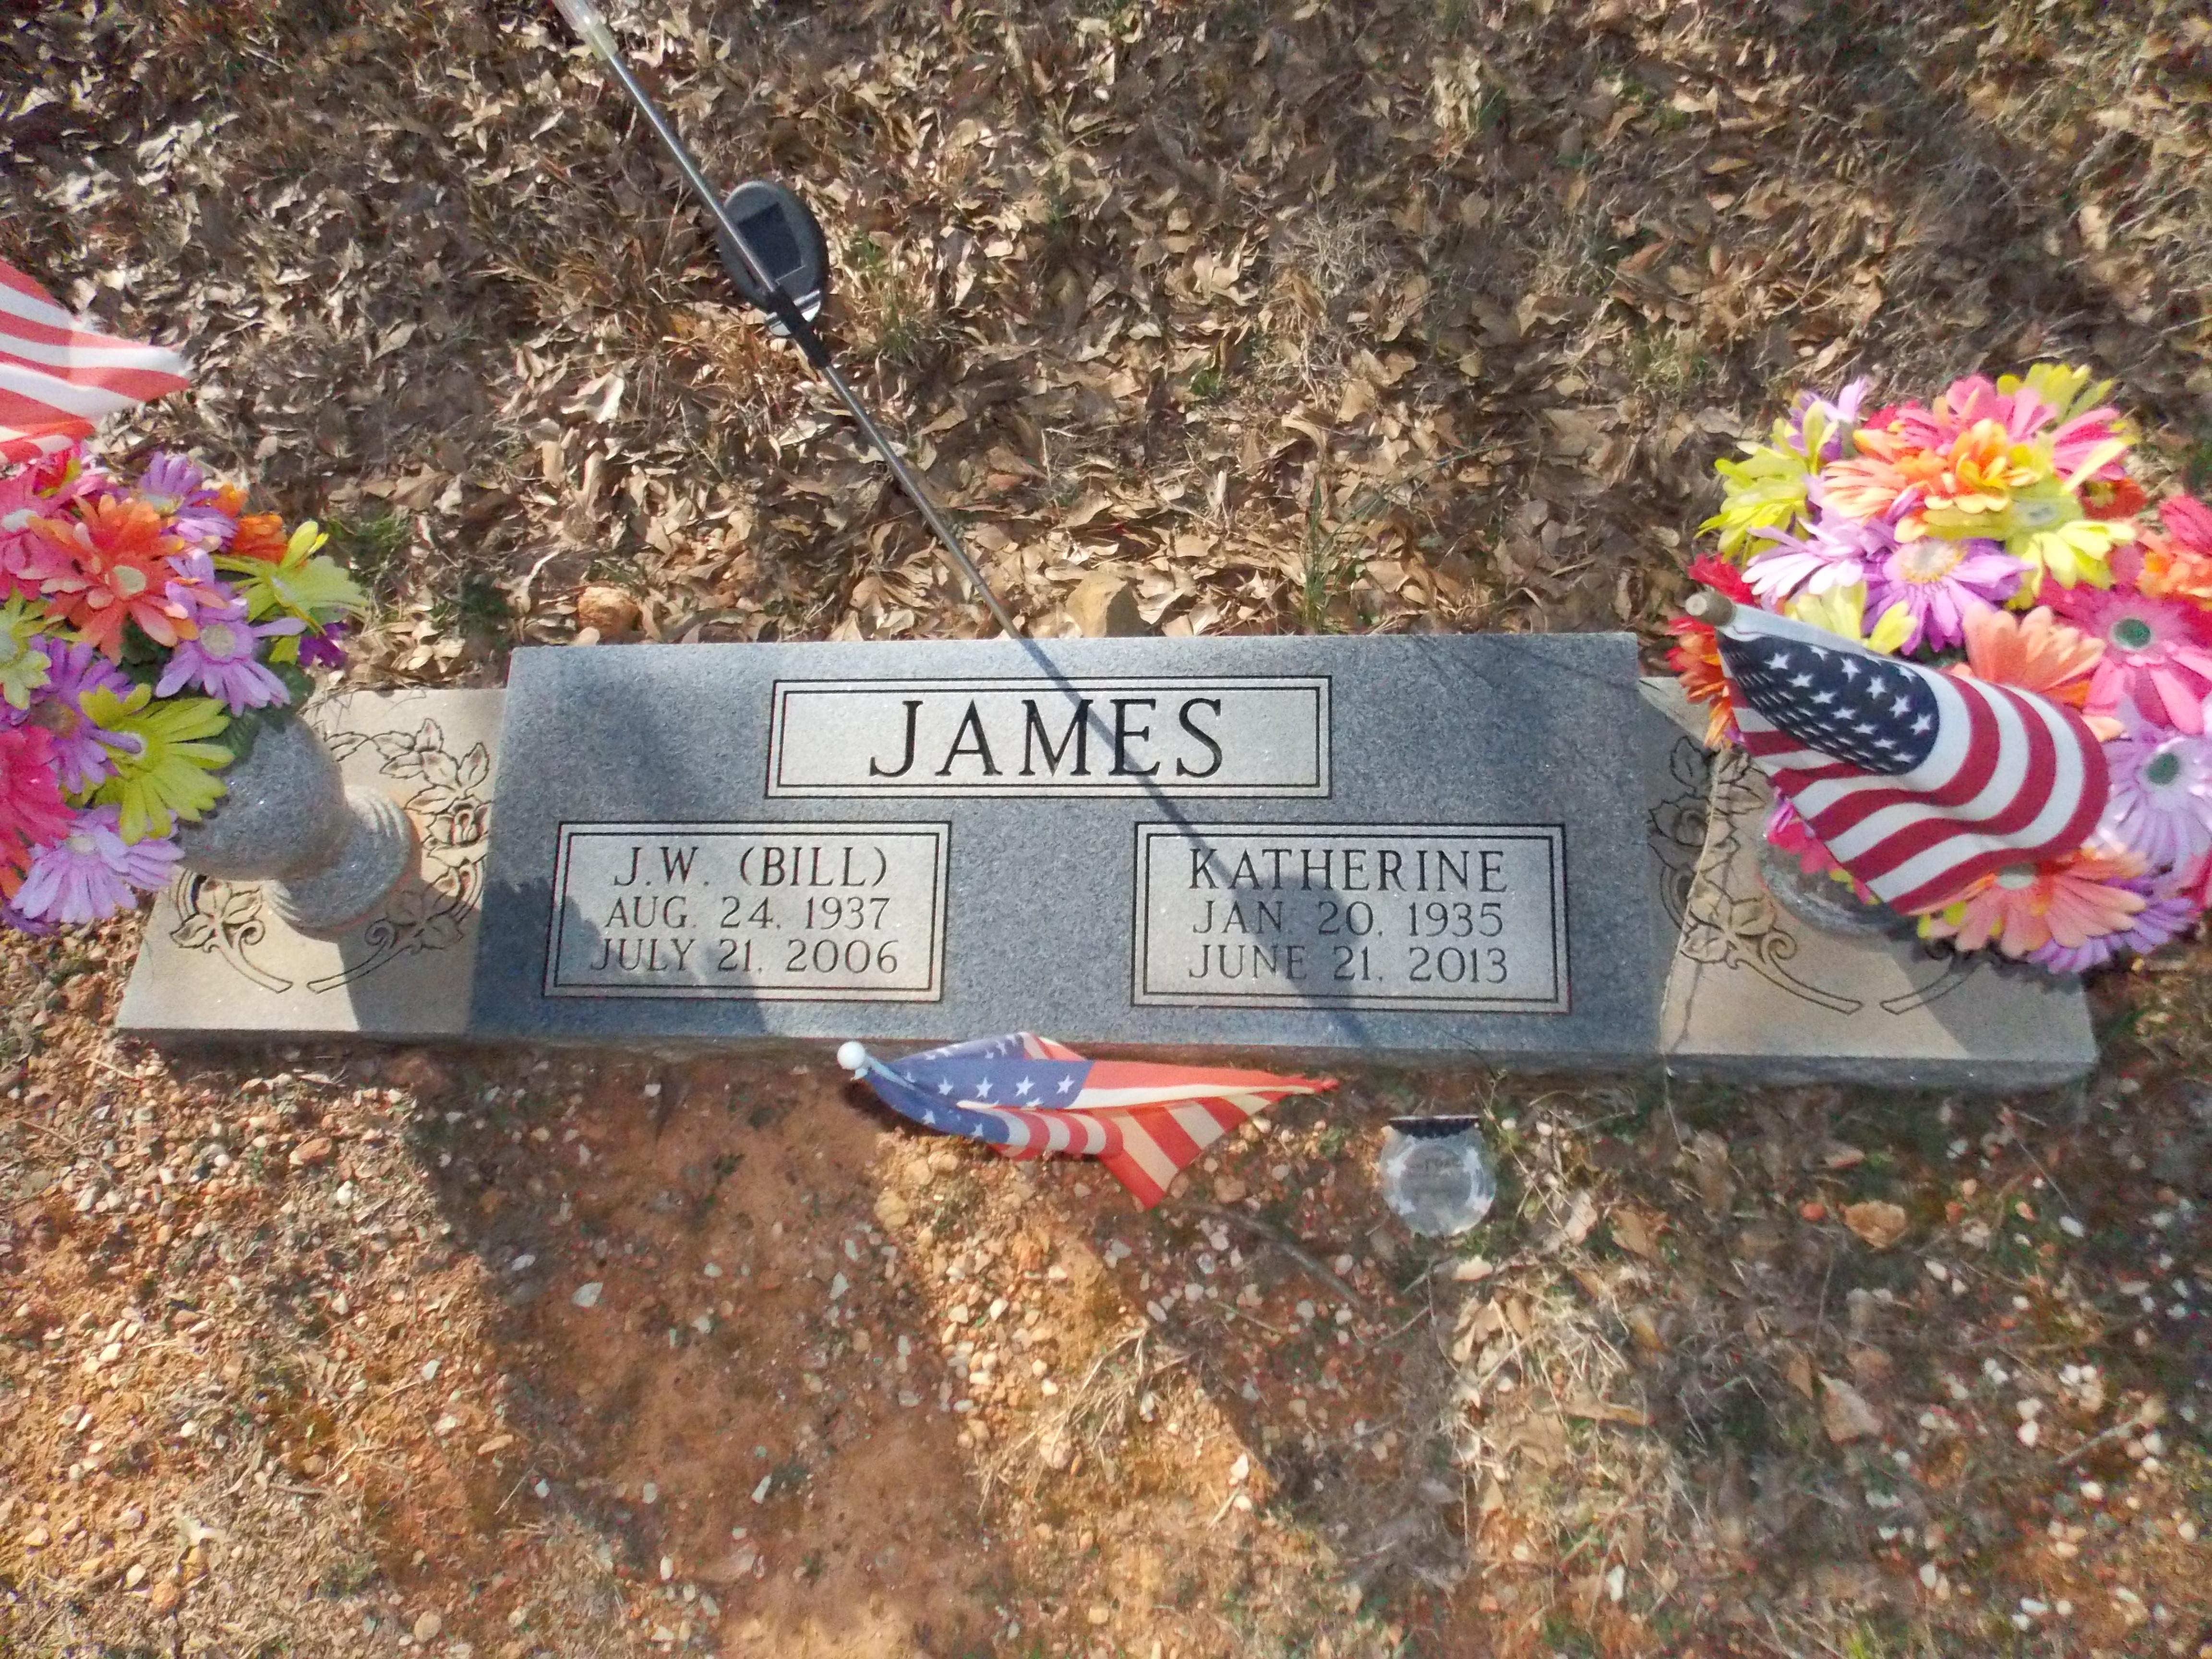 J. W. Bill James